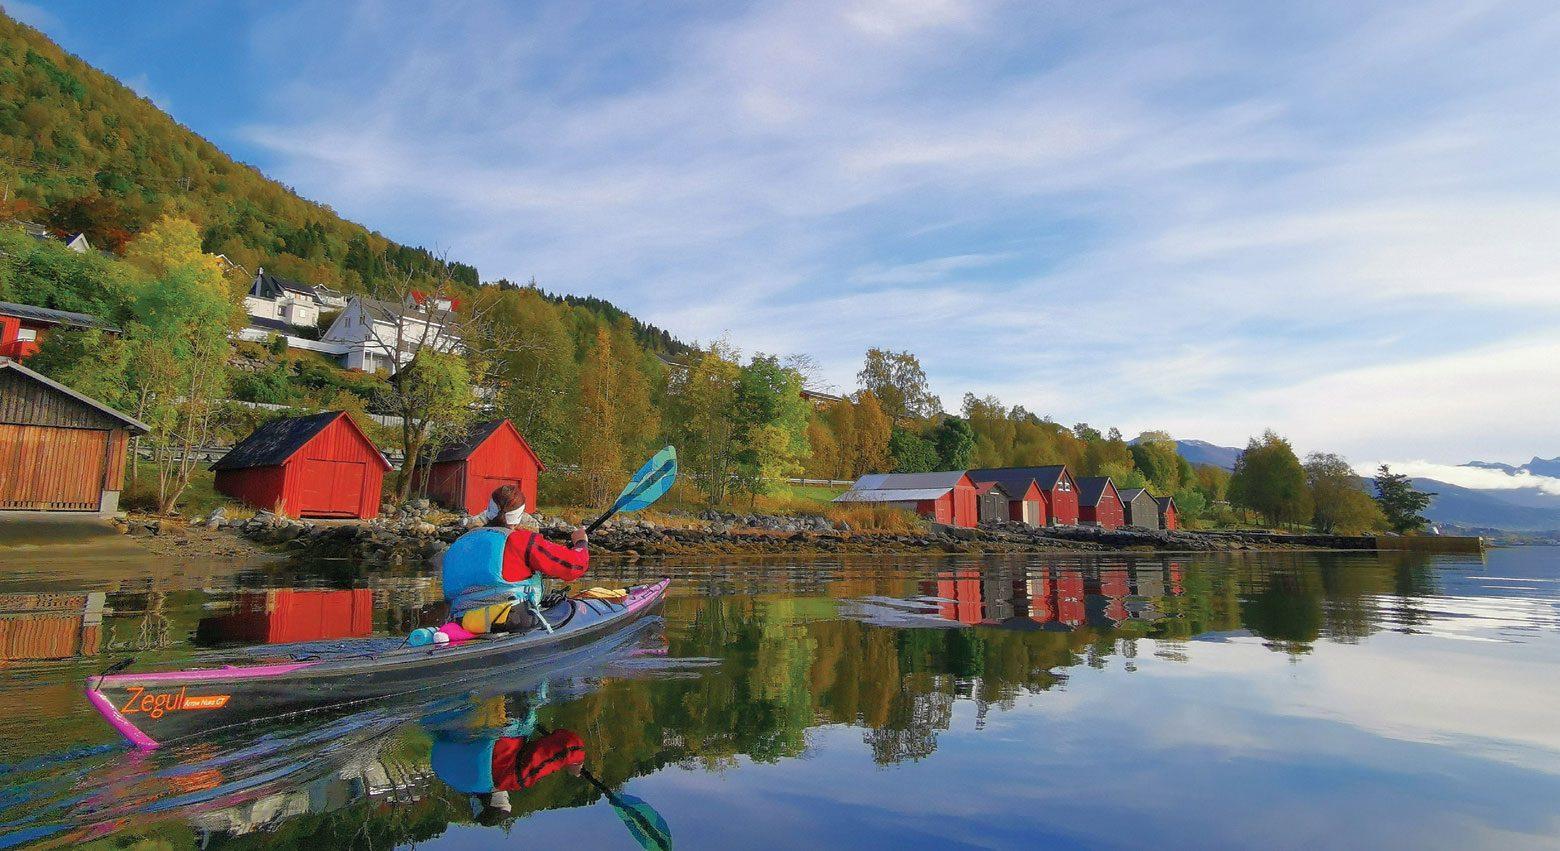 Oppdagelser i kø langs spennende fjord